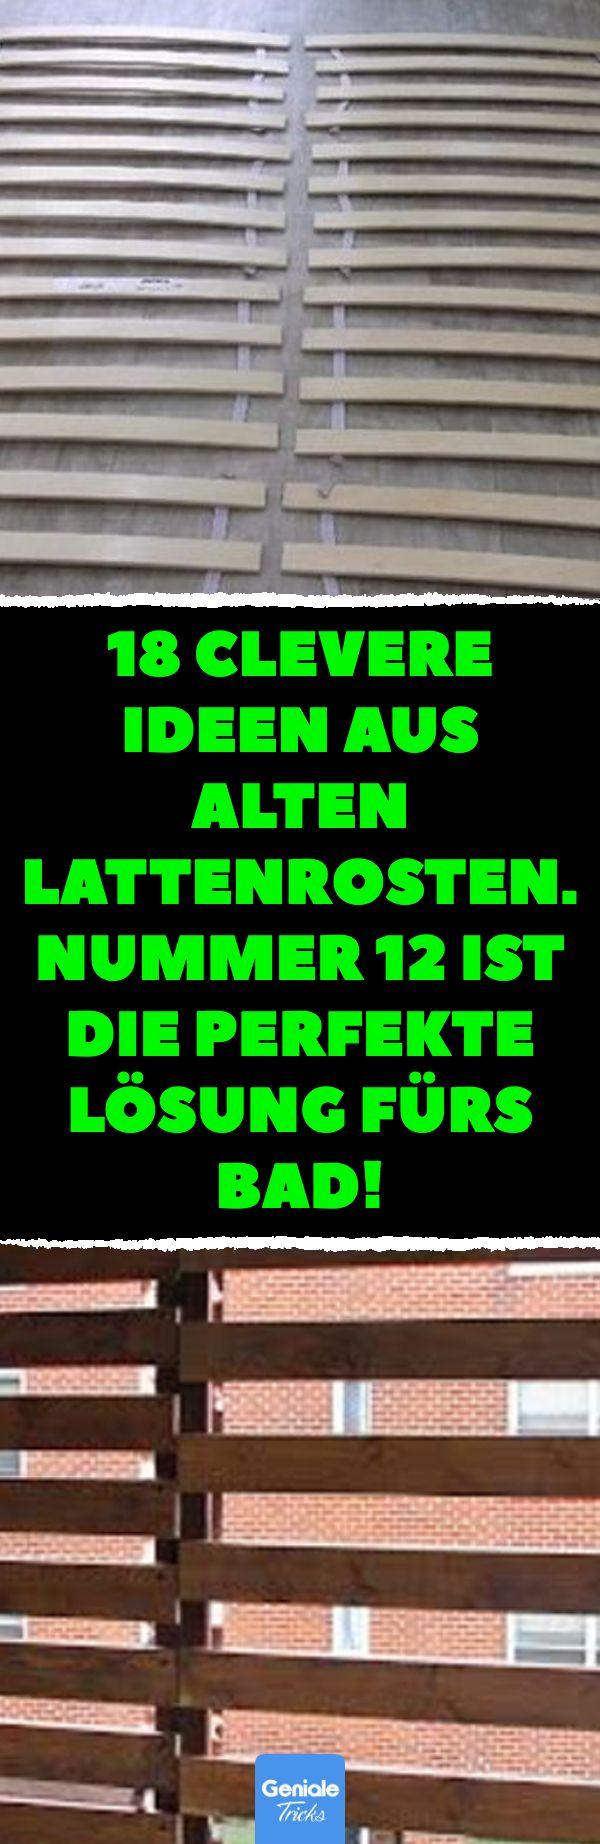 18 clevere Ideen aus alten Lattenrosten. Nummer 12 ist die perfekte Lösung fürs Bad! 18 Upcycling-Ideen mit Lattenrosten. #Upcycling #Ideen #Lattenr…